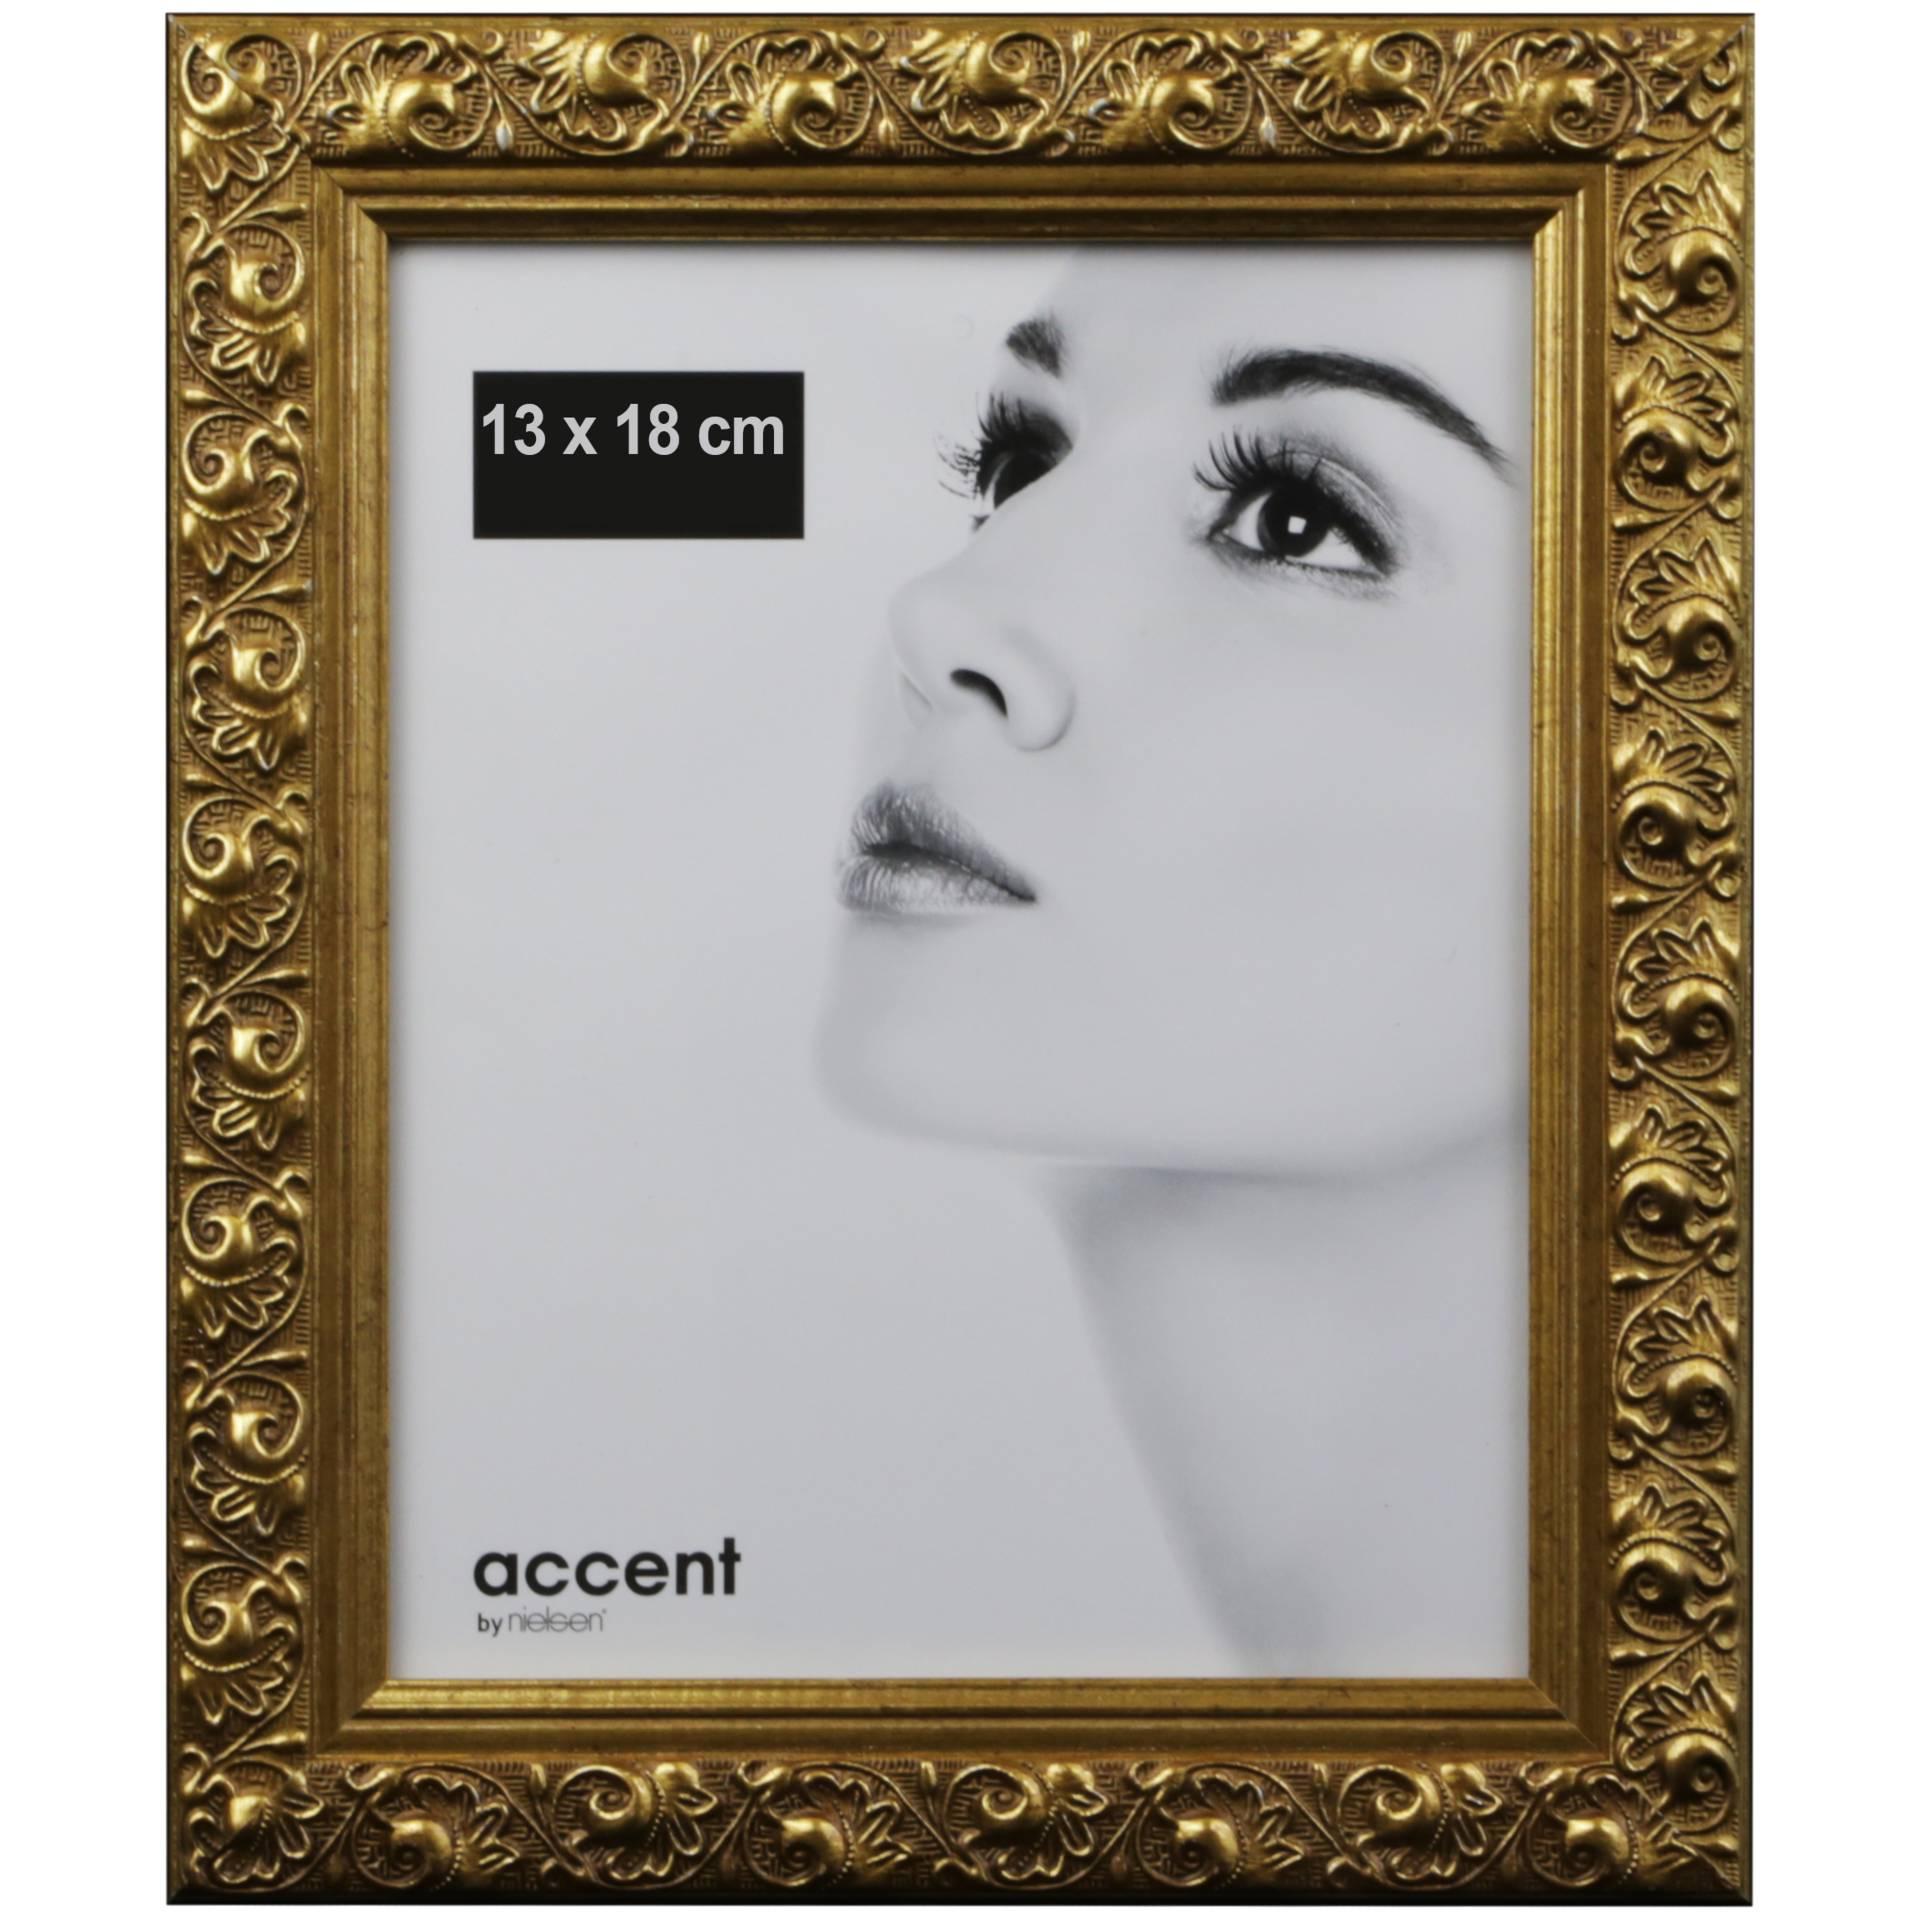 Nielsen Arabesque          13x18 Holz Portrait gold       8532004